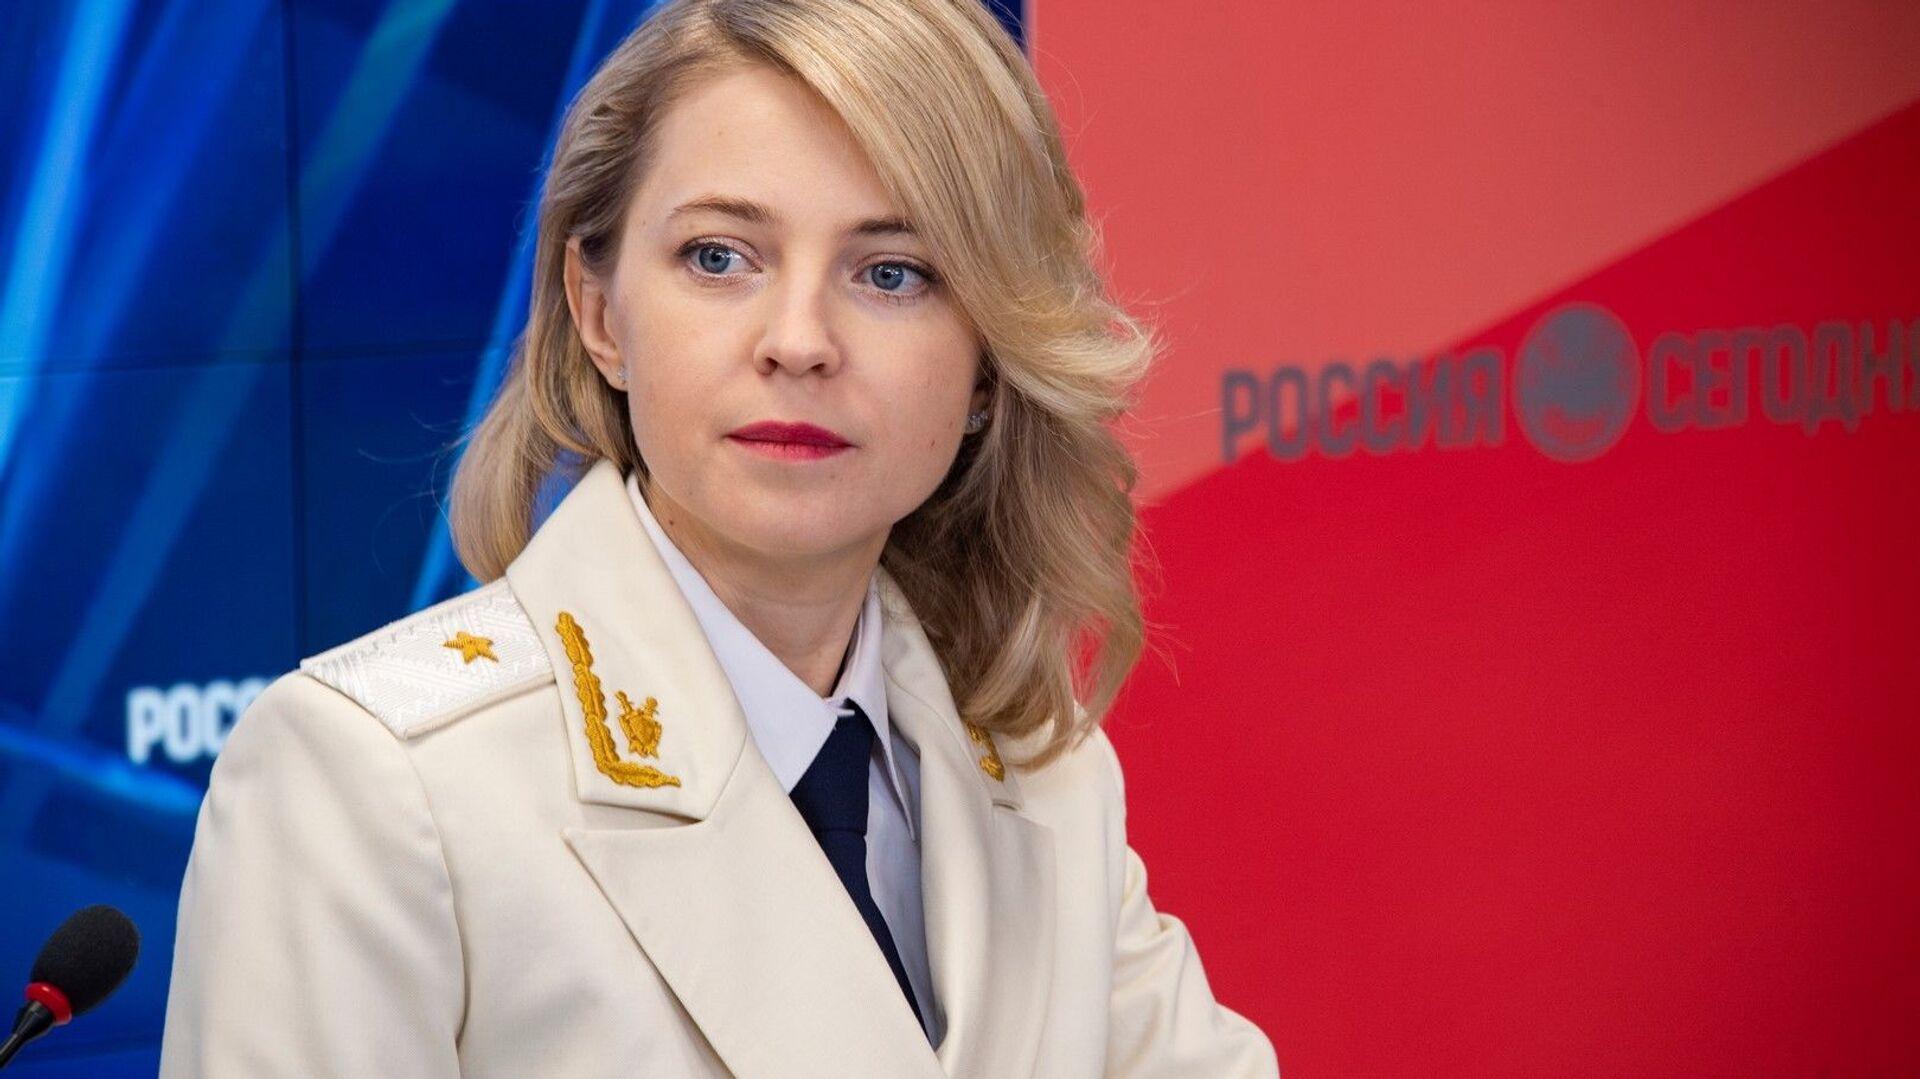 Депутат Госдумы Наталья Поклонская - РИА Новости, 1920, 23.05.2021